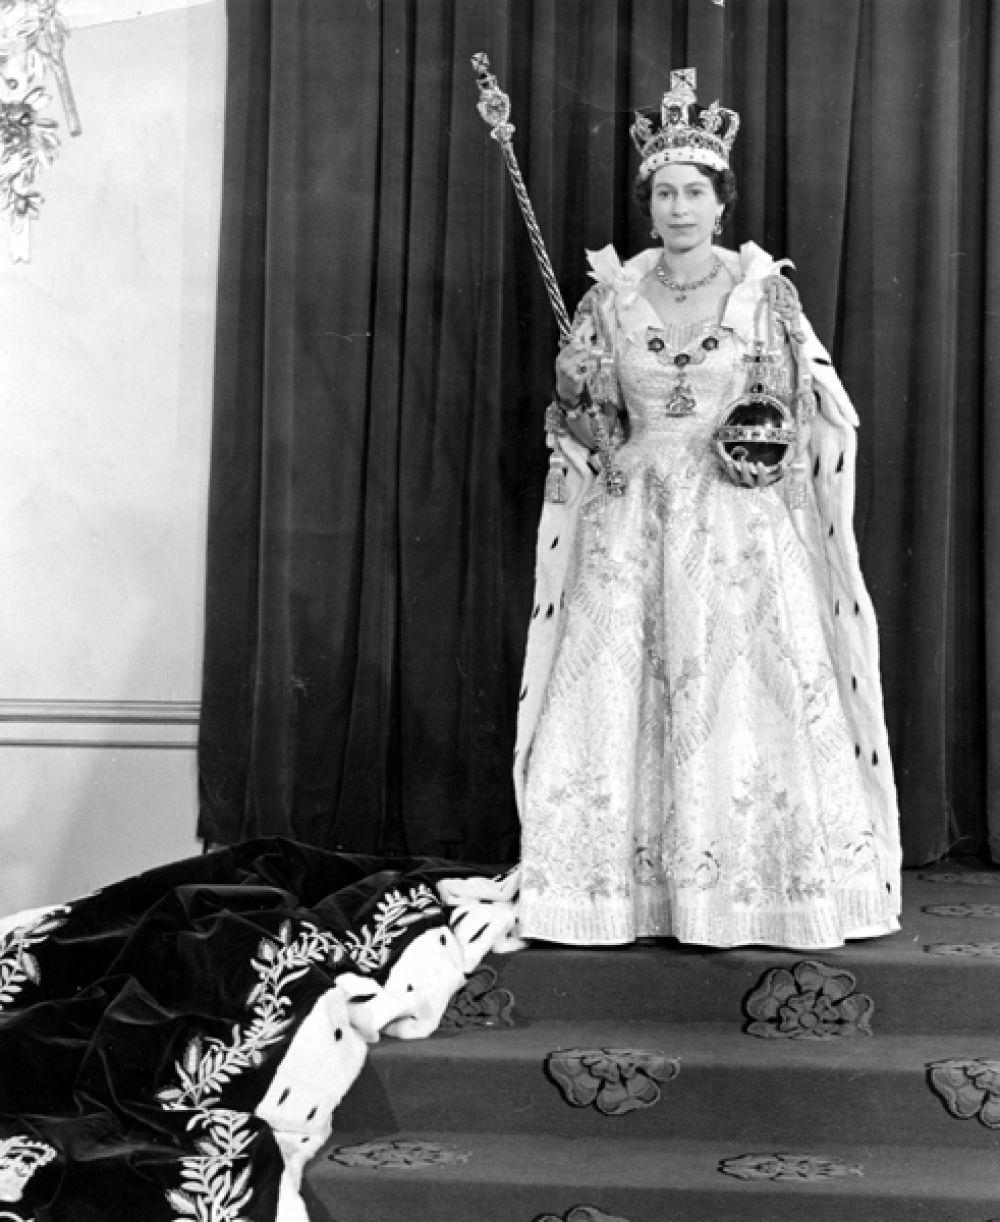 Одежду для всех членов королевской семьи и для самой Елизаветы разрабатывал модельер Норман Хартнелл. Окончательный вариант наряда был утвержден в результате многочисленных личных встреч с королевой: это было белое атласное платье, вышитое цветочными эмблемами стран Содружества.